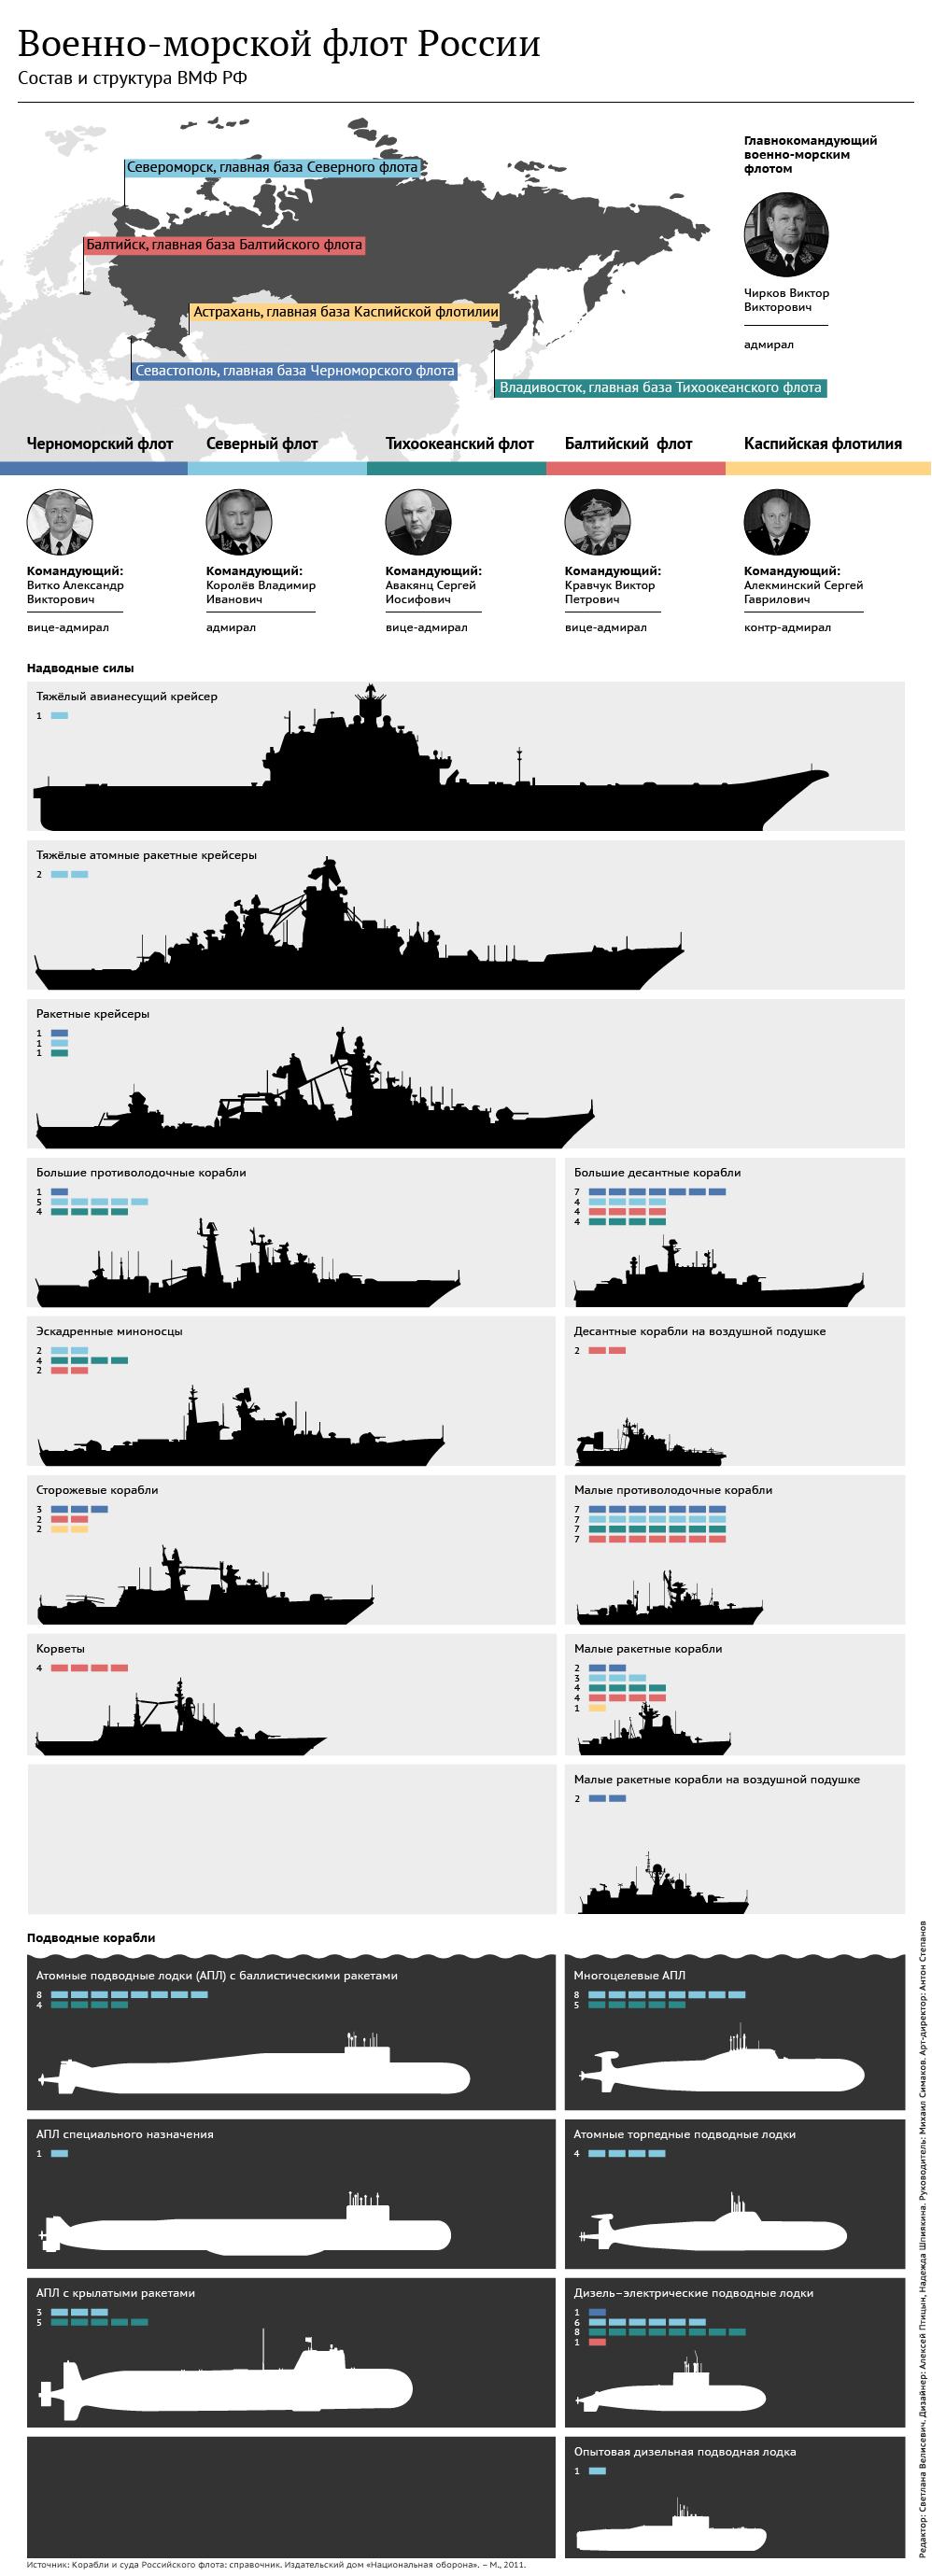 Россия возвращается к геополитике, основанной на морской мощи